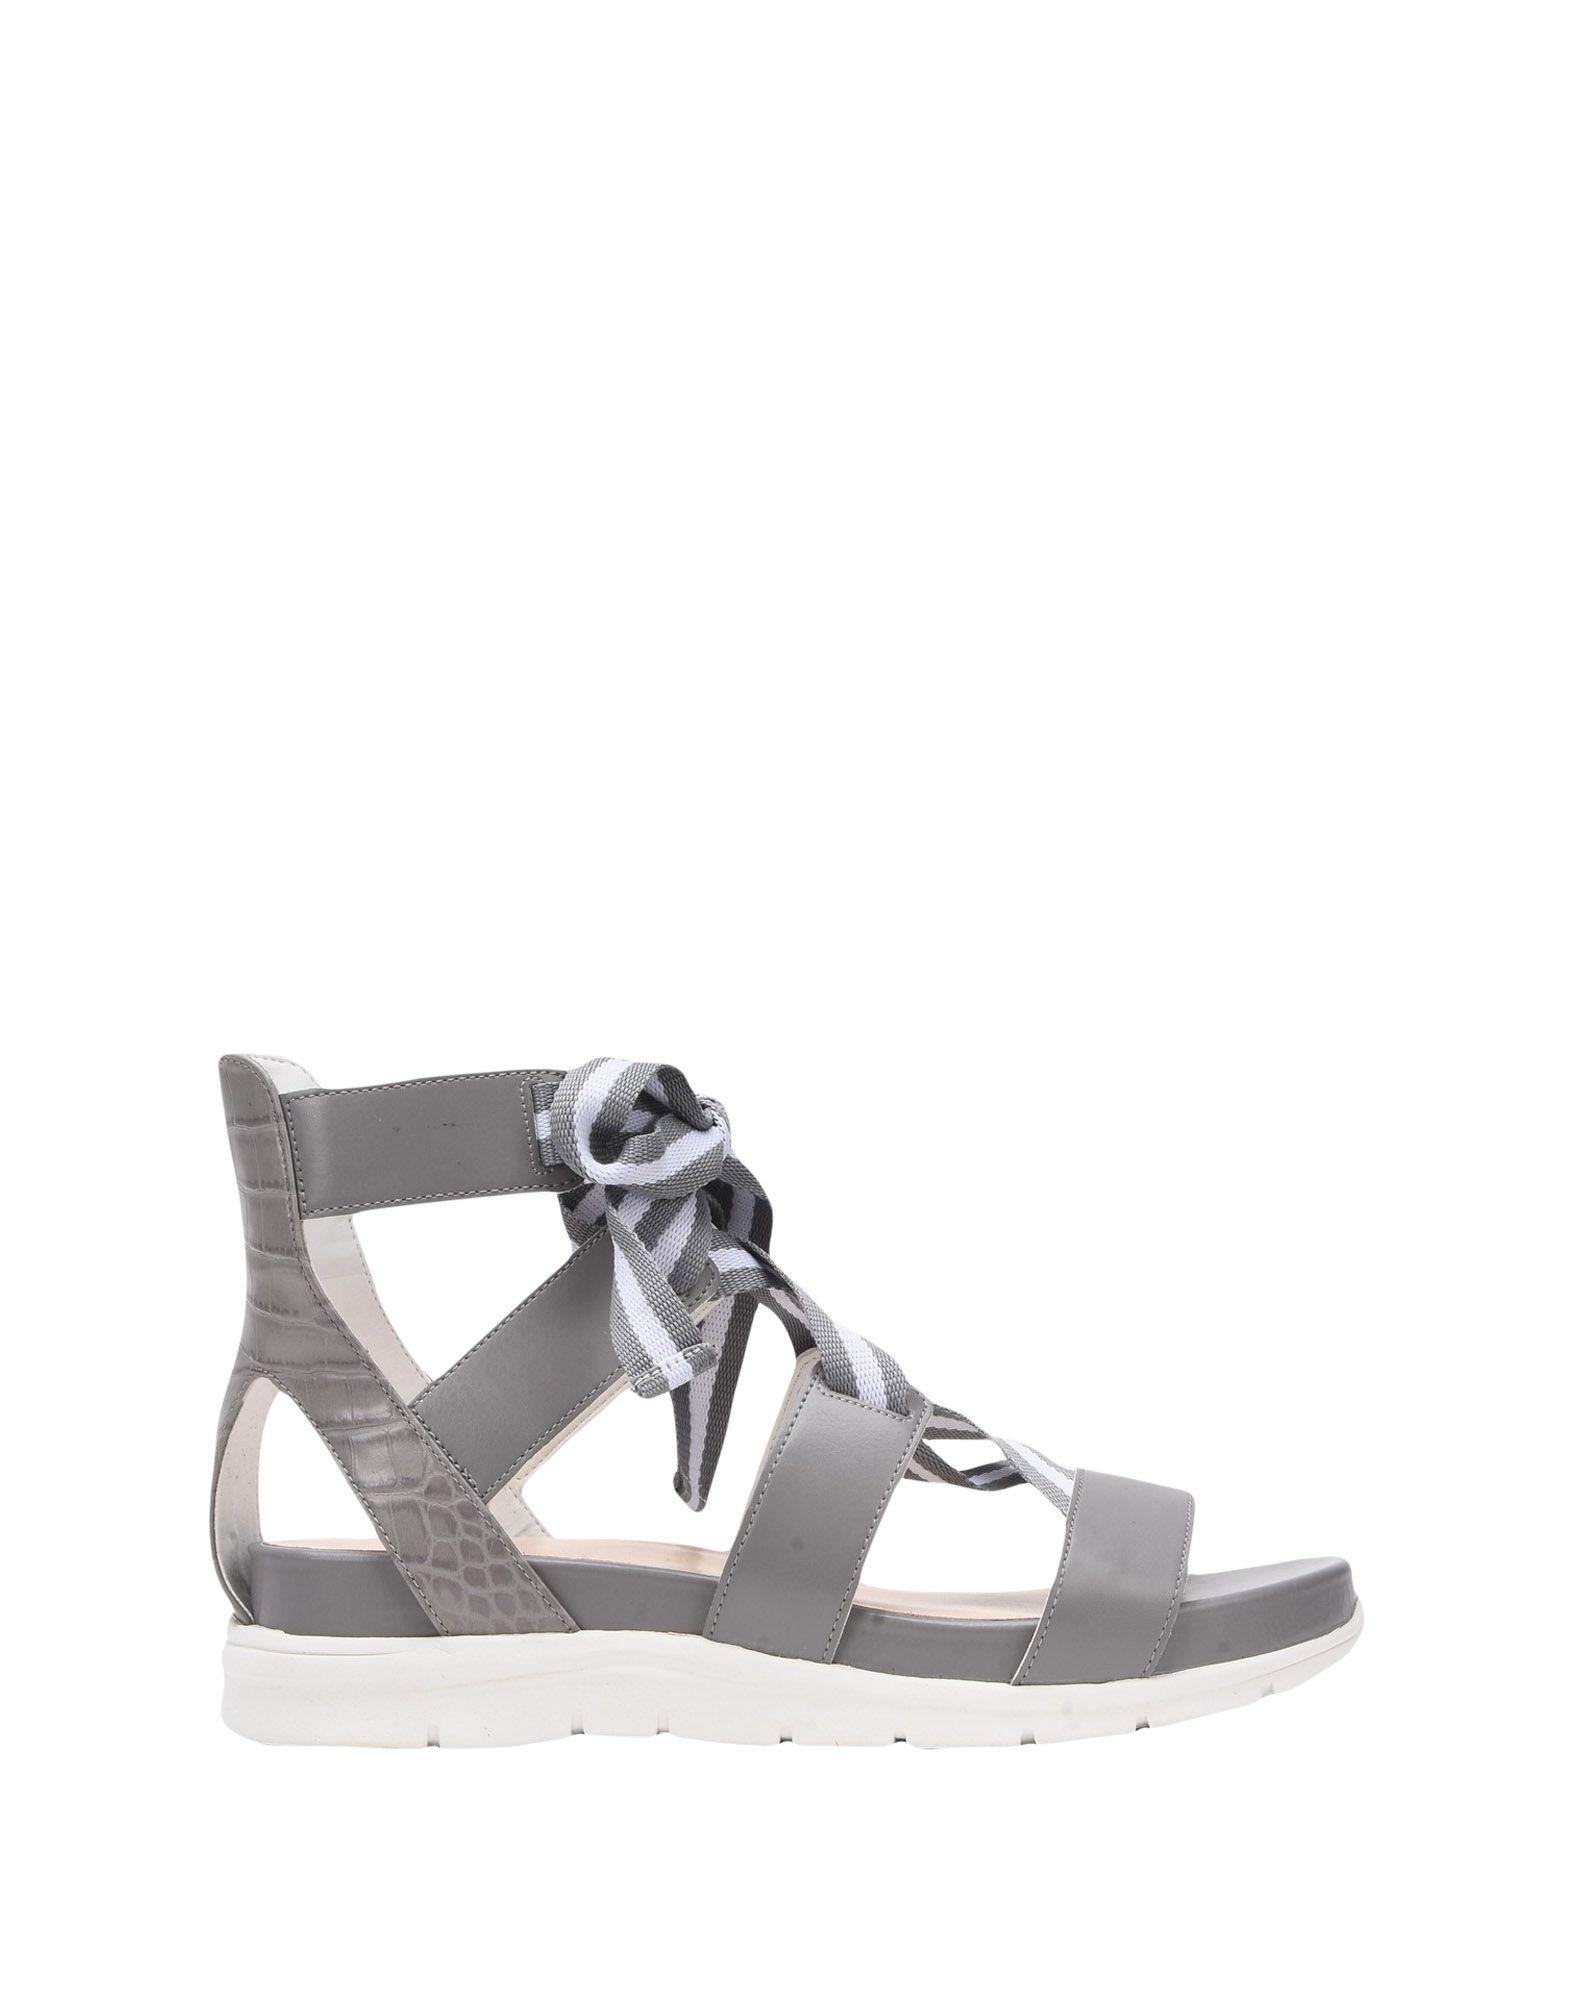 Gut um Sandalen billige Schuhe zu tragenNine West Sandalen um Damen  11236950WU 8aeb99